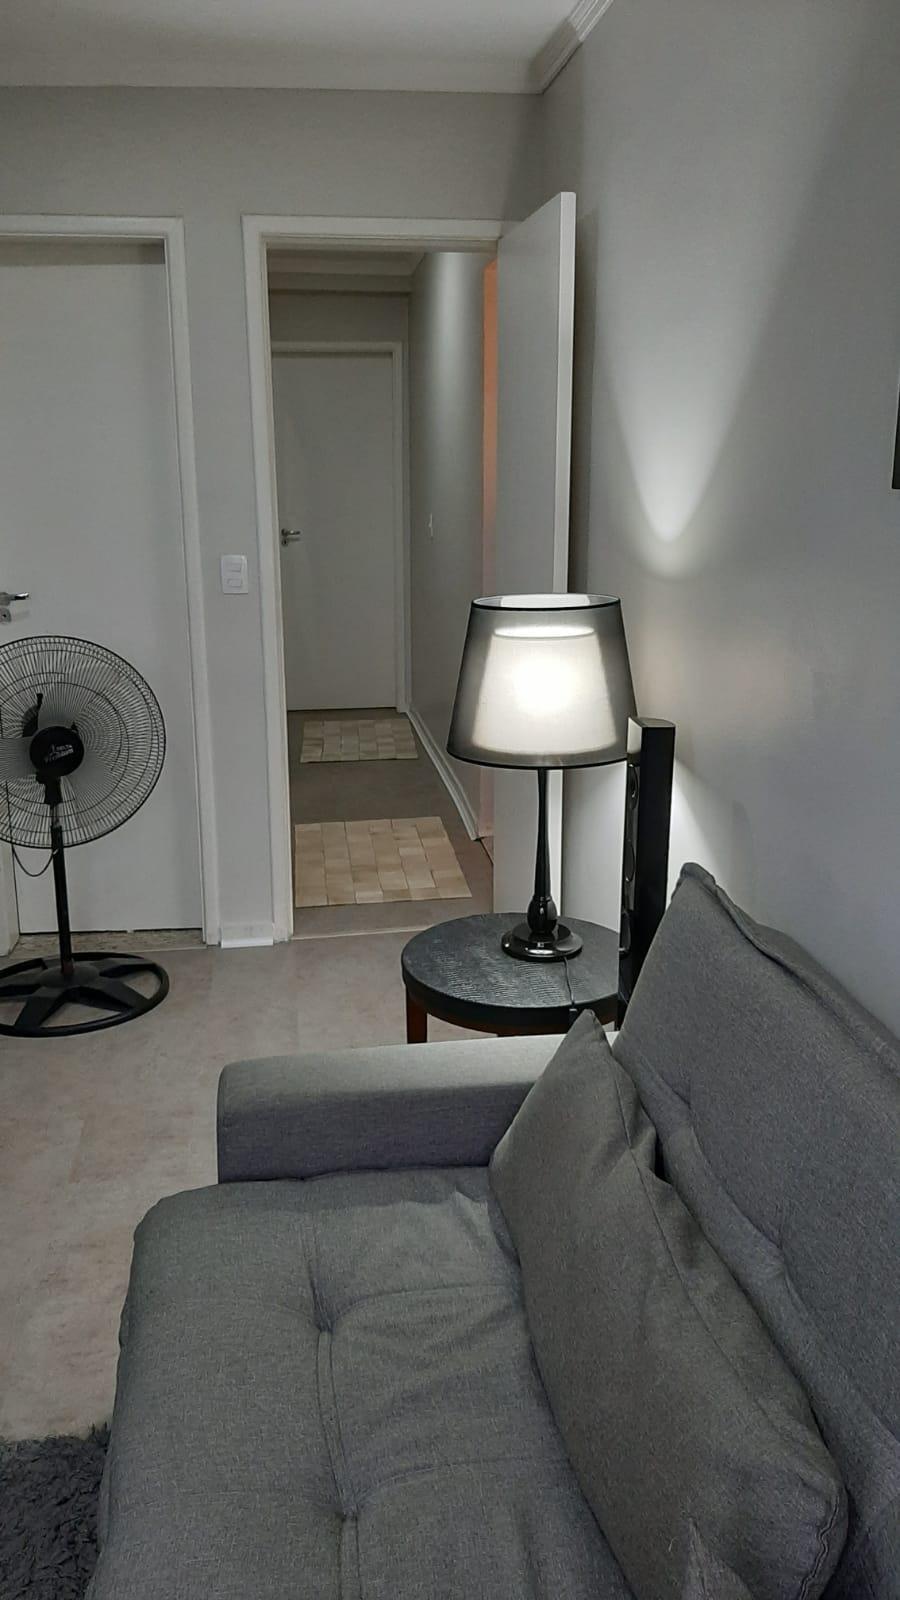 FOTO 17 - Cobertura 3 quartos à venda Rio de Janeiro,RJ - R$ 600.000 - CO00025 - 18